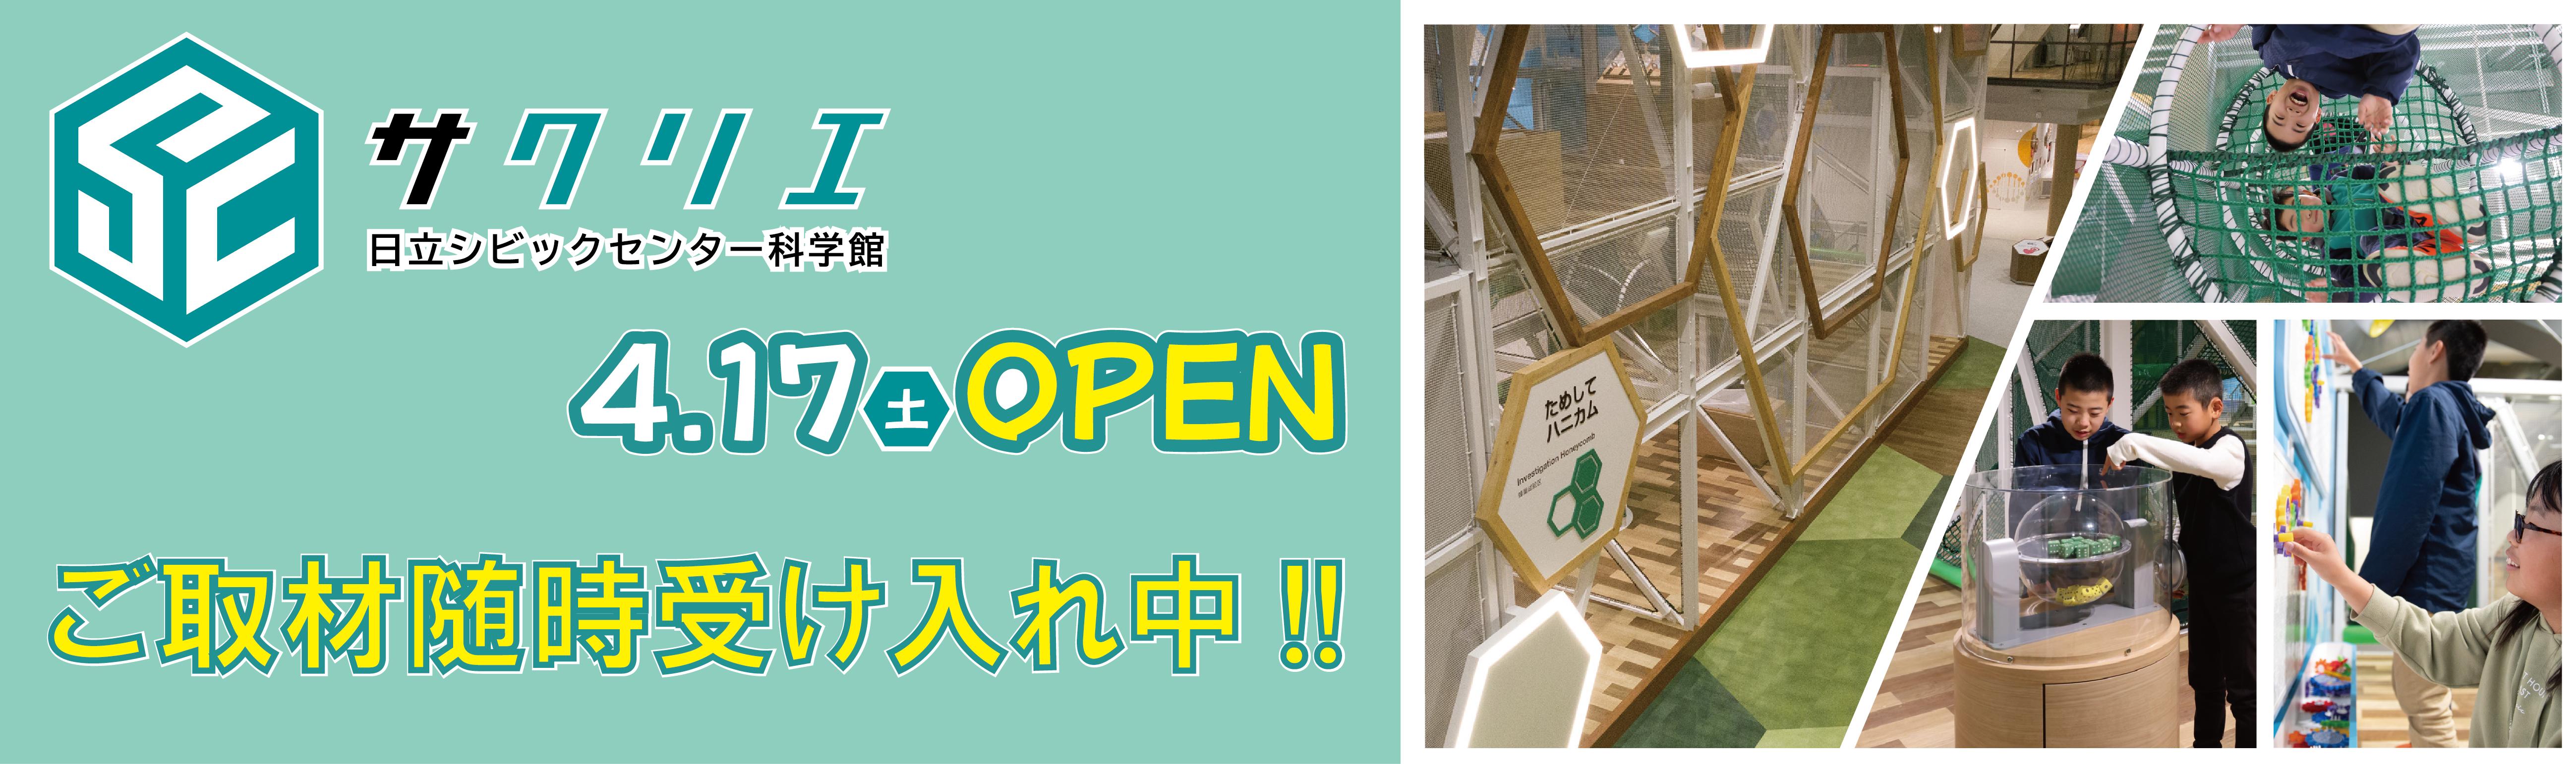 科学館取材受け入れニュースリリース用-01